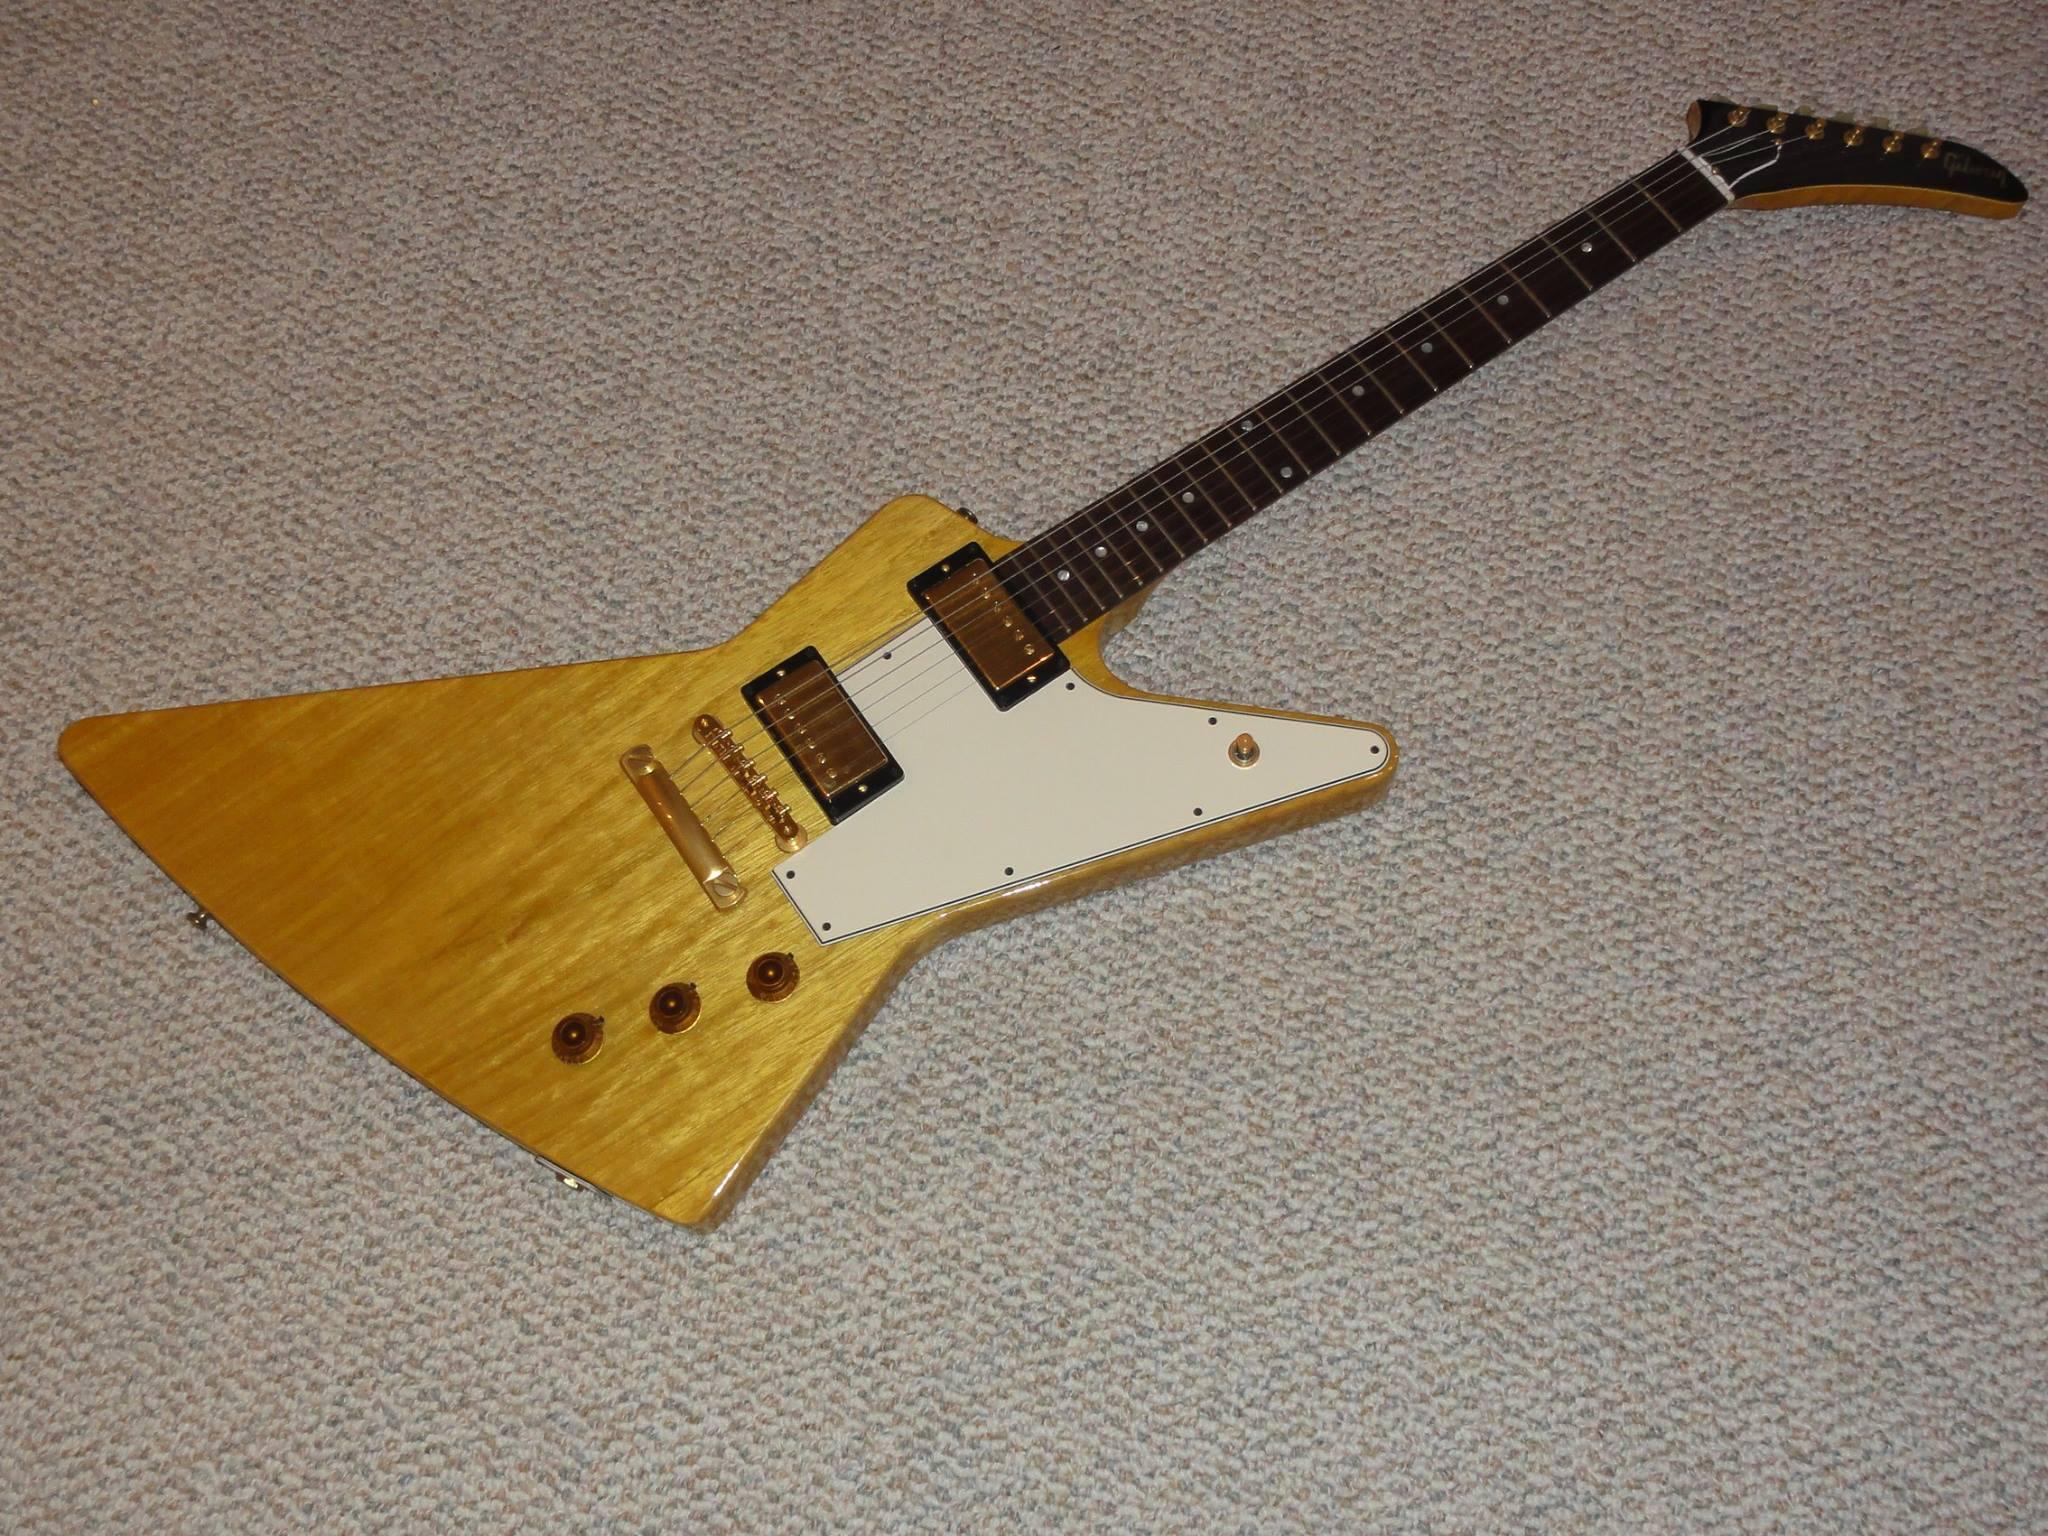 Buy Old Vintage Guitar Chicago